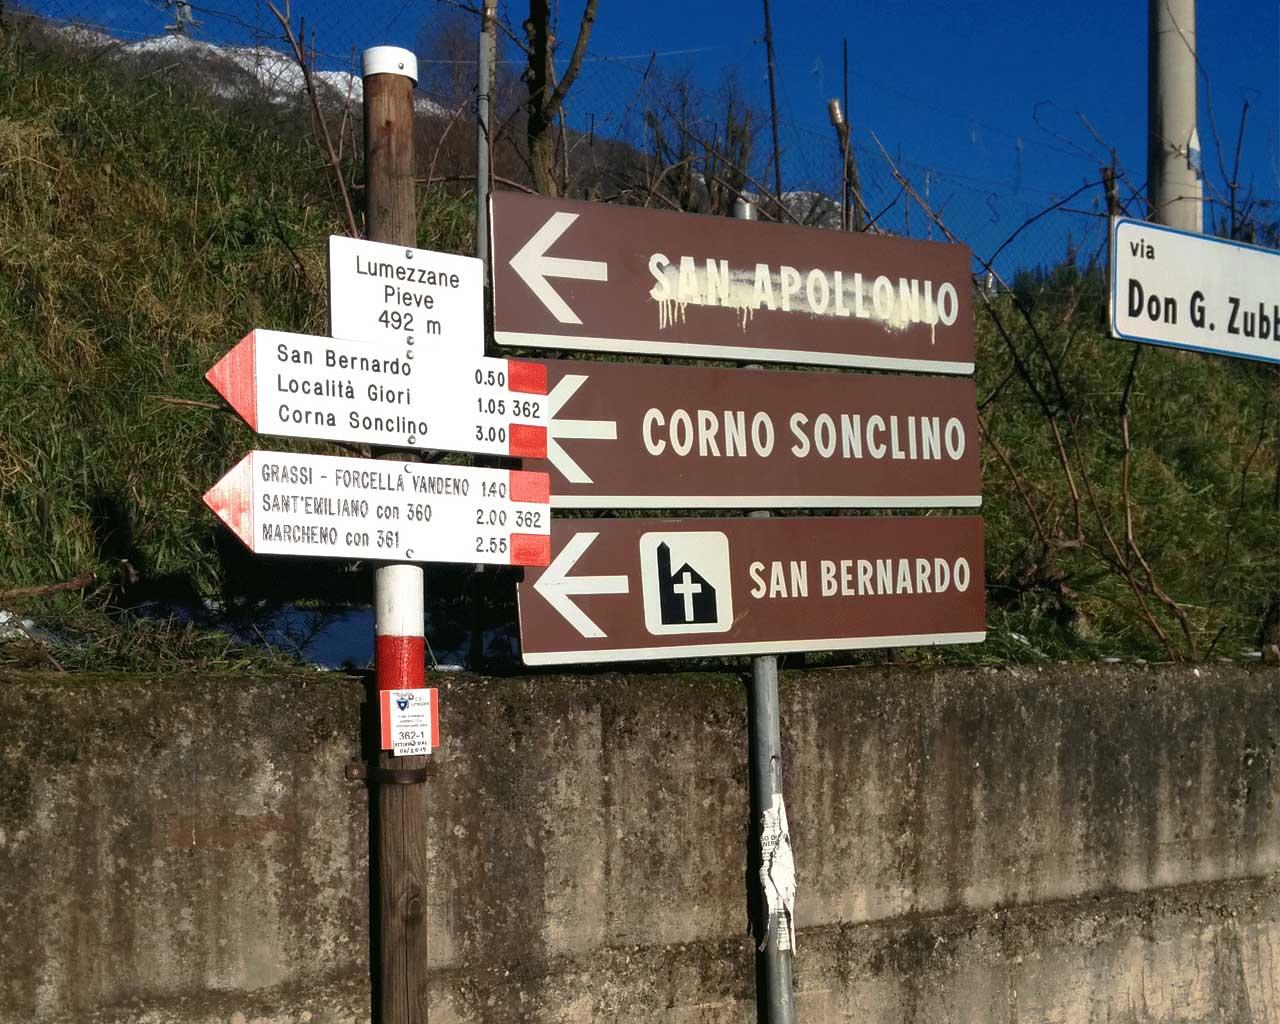 I cartelli indicanti Sant'Emiliano davanti a un muro a Lumezzane Pieve